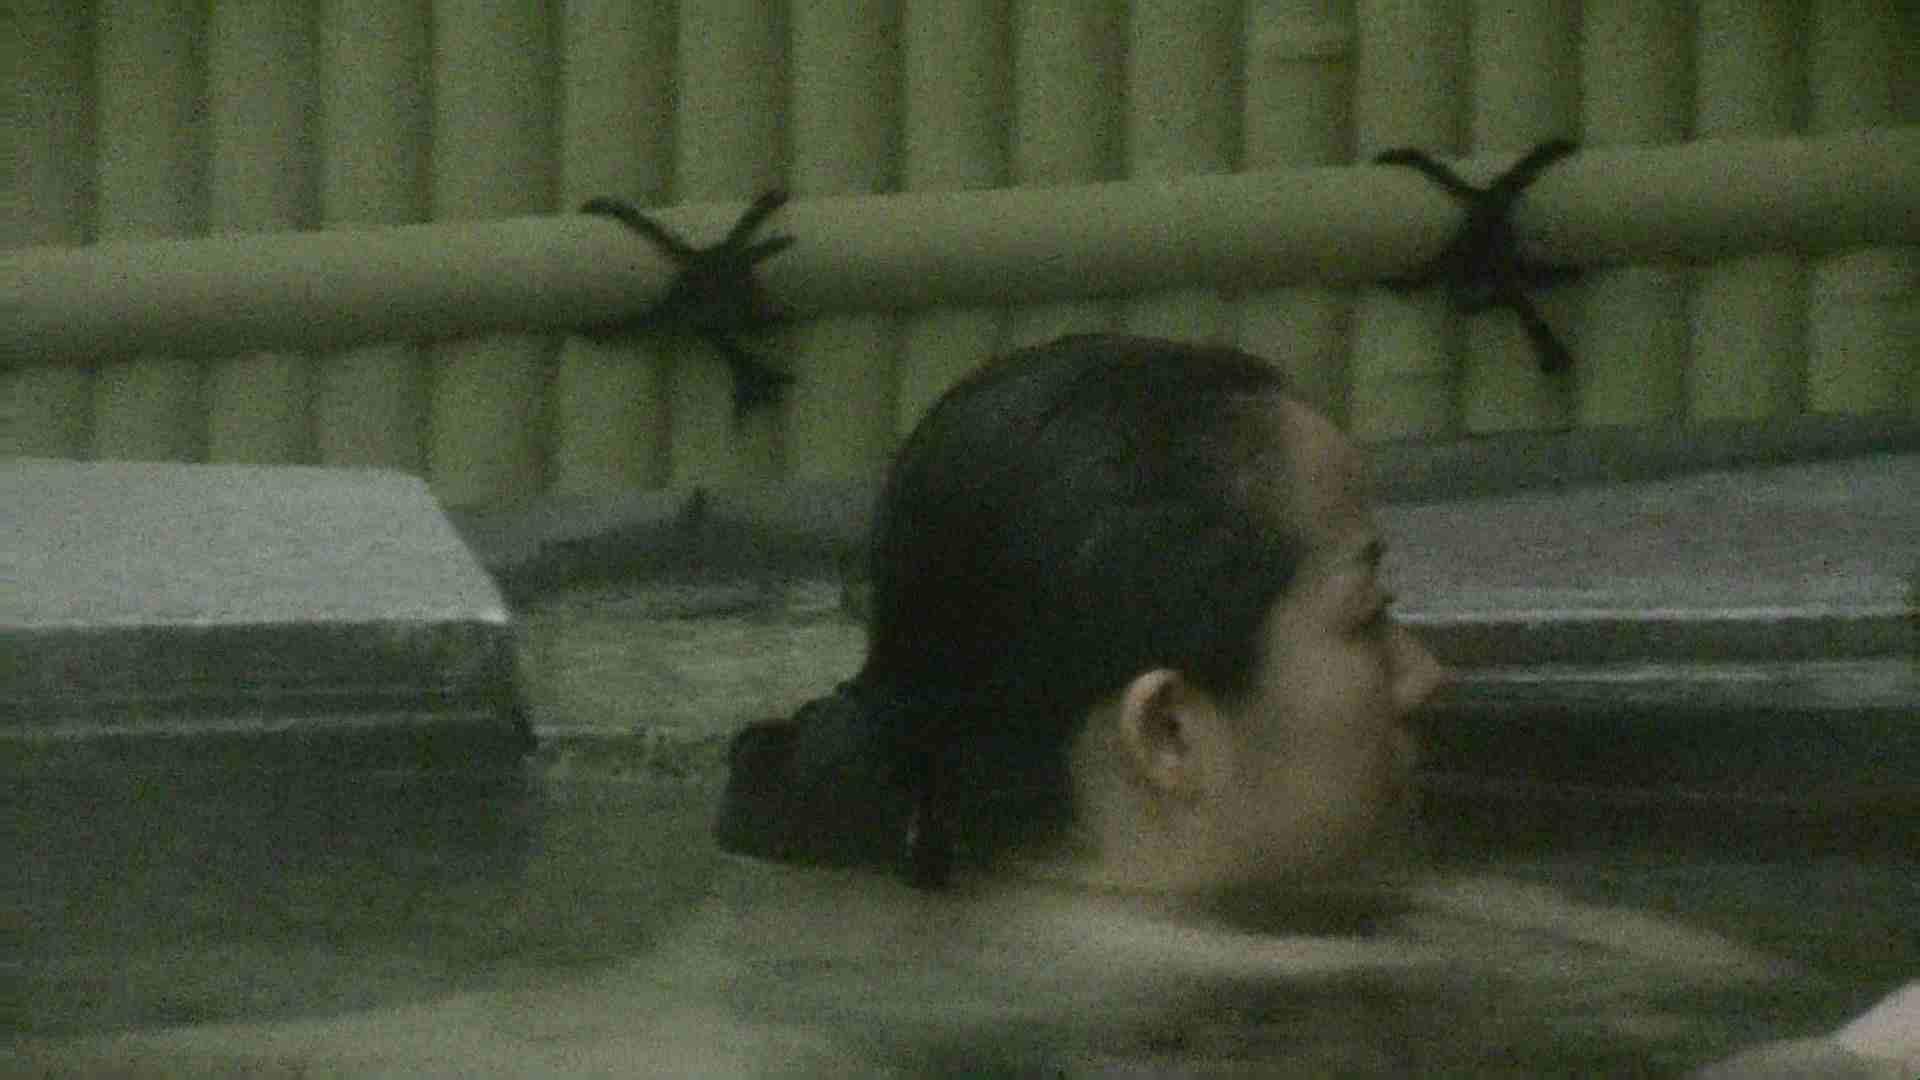 Aquaな露天風呂Vol.539 女体盗撮 隠し撮りおまんこ動画流出 88連発 77